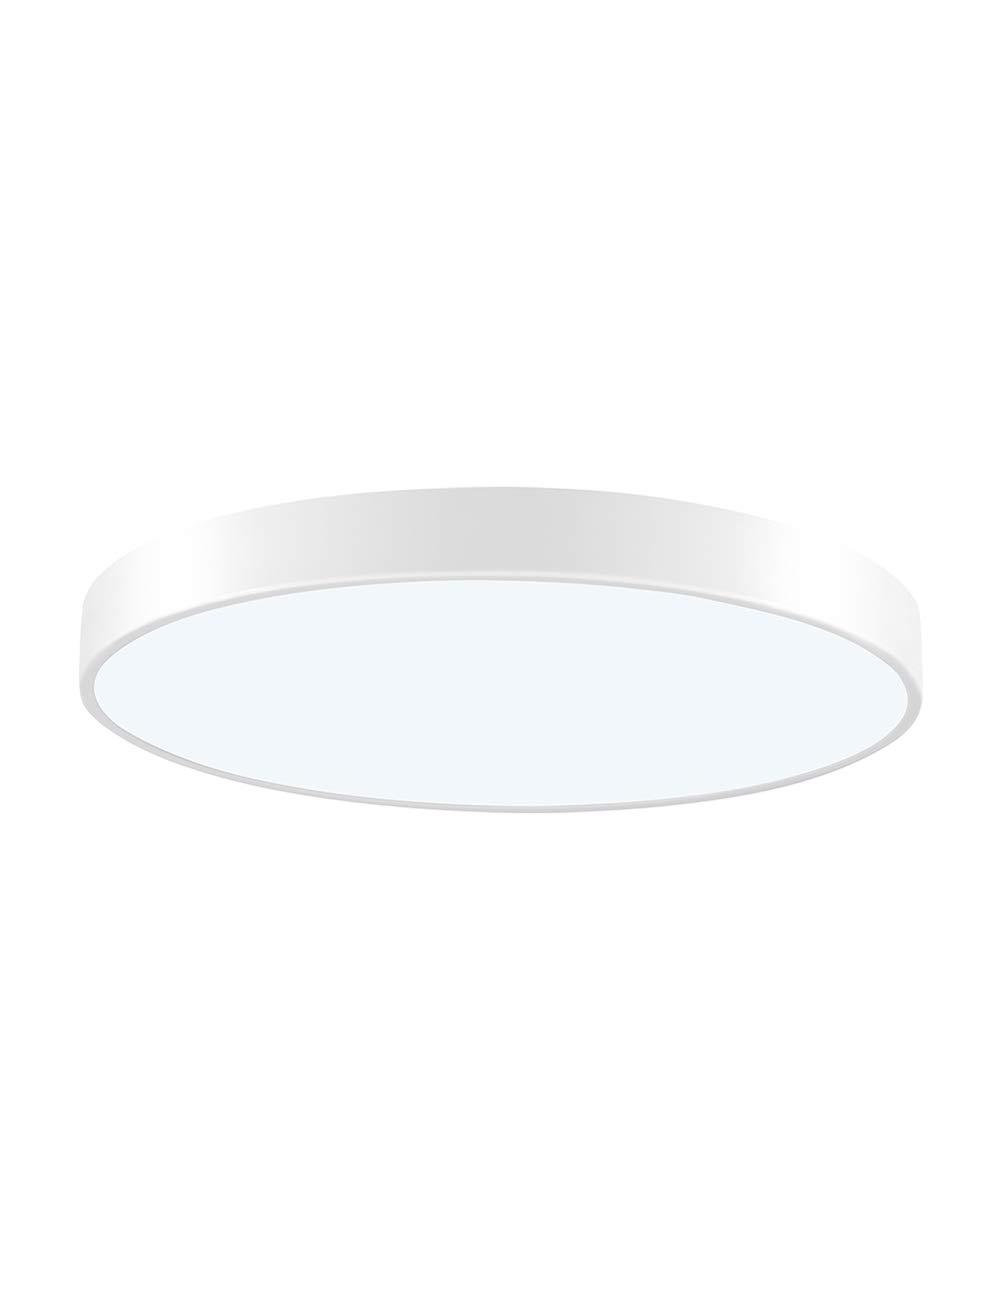 Soggiorno blu 12W Cucina Camera 6000K Bianco Fresco Lampada Modern Interior Illuminazione per Balcone Plafoniera LED Lampada A Soffitto Macaron Design Ingresso